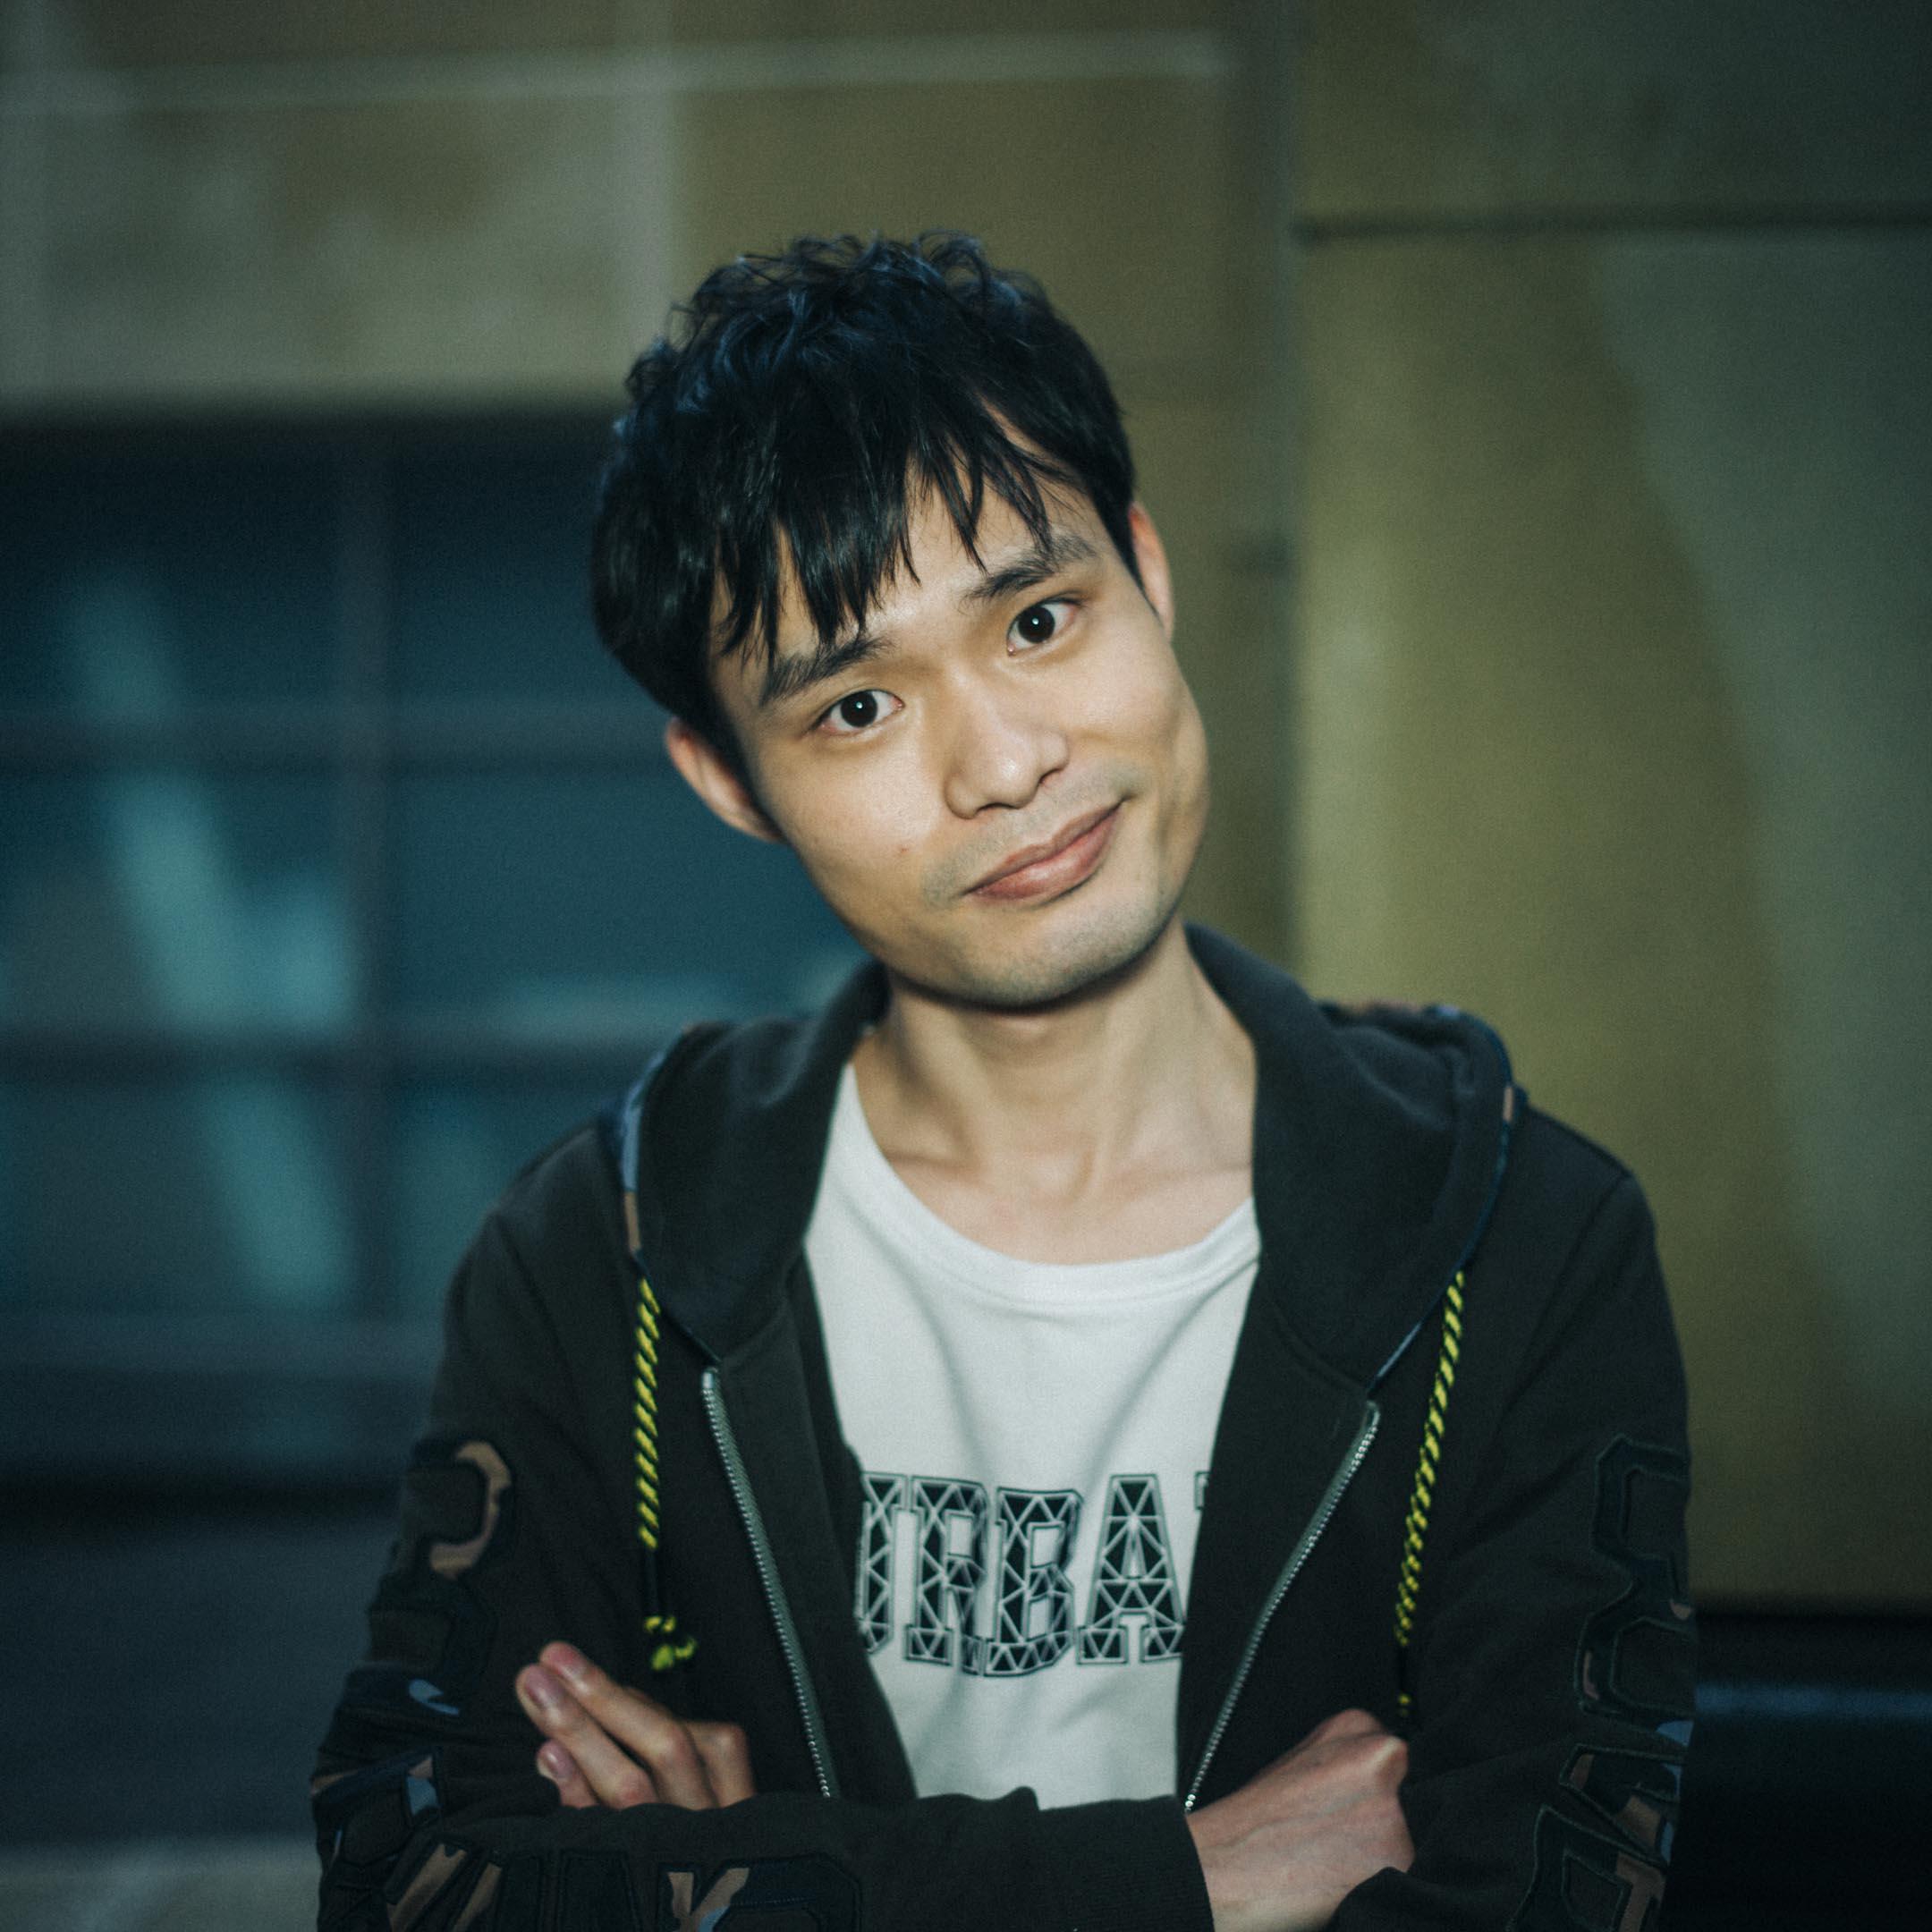 張全蛋,原名賴宇恒,參演周星馳作品《新喜劇之王》,飾演女主角如夢的男友,一個騙財的男妓渣男查理。 攝:林振東/端傳媒